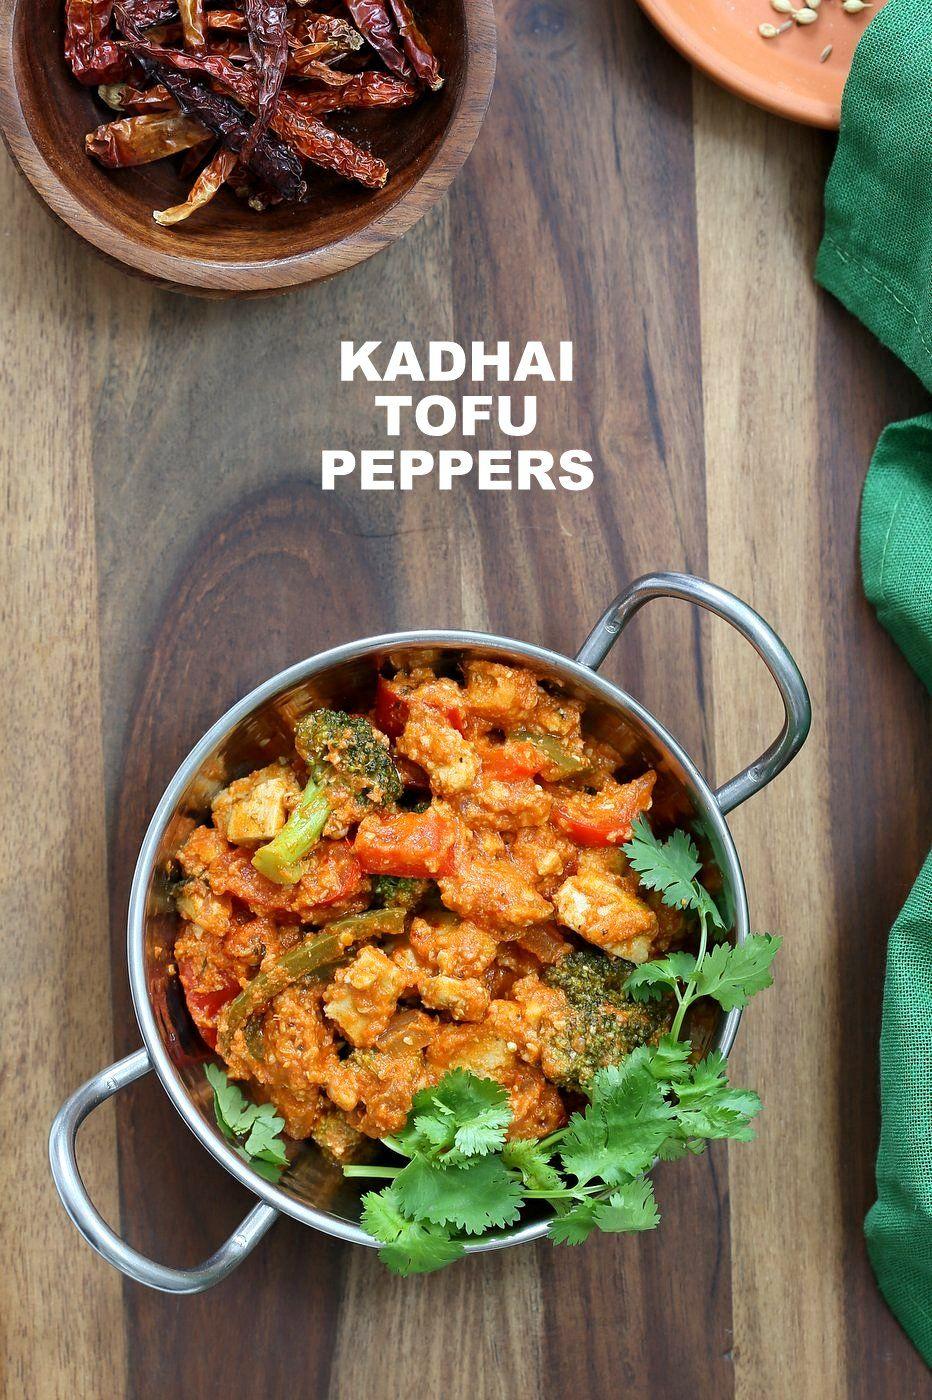 Kadai Paneer Tofu Peppers Recipe Stuffed Peppers Food